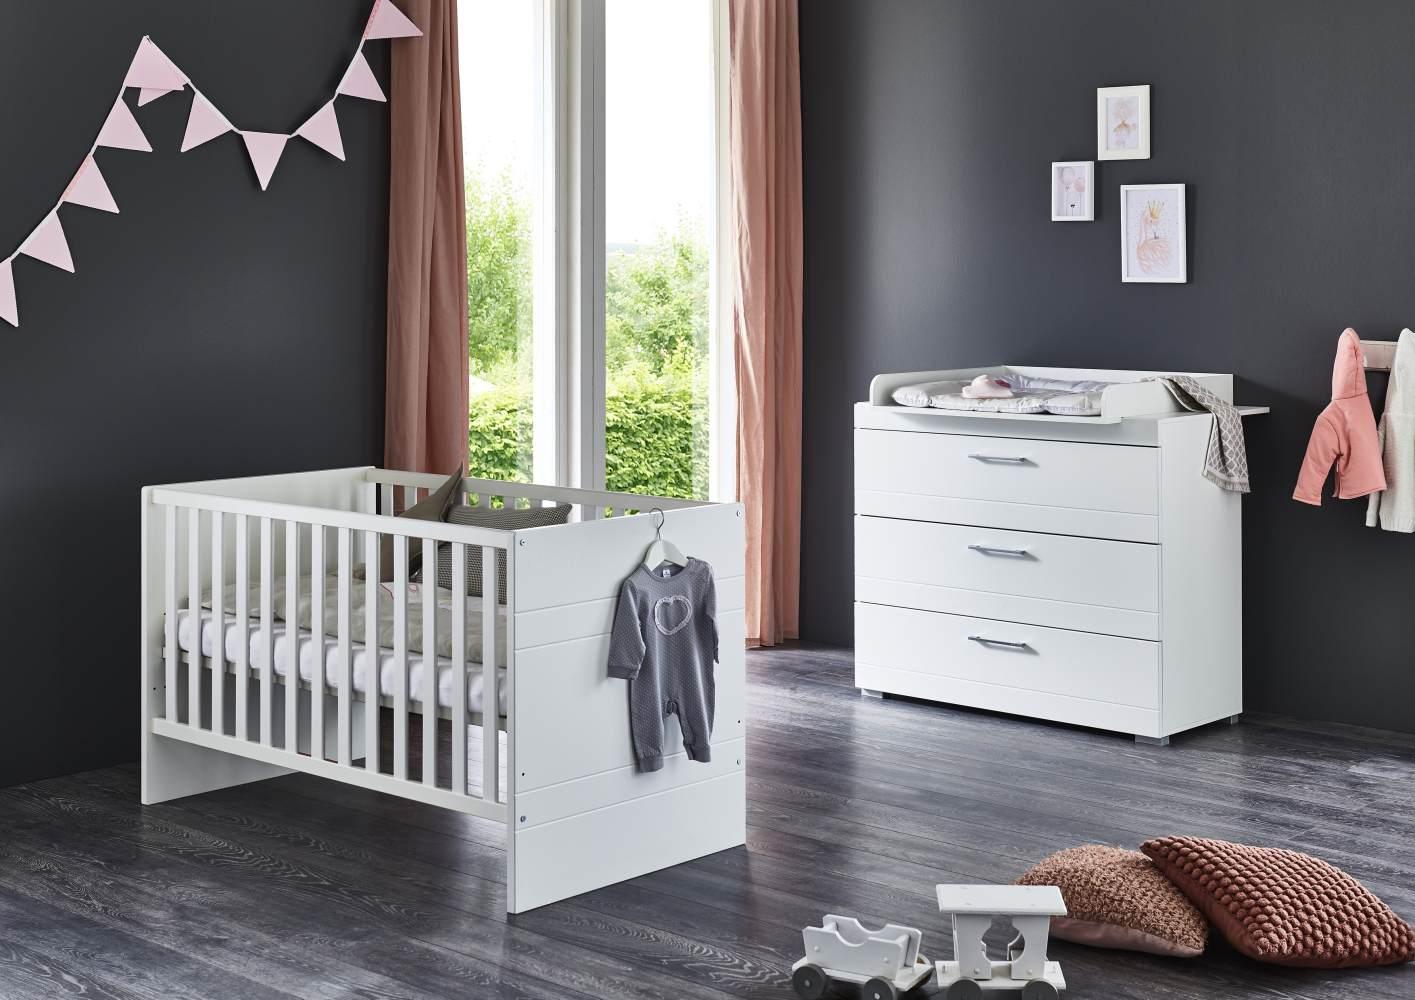 Arthur Berndt 'Liene' Babyzimmer Sparset 2-teilig, Kinderbett (70 x 140 cm) und Wickelkommode mit Wickelaufsatz MDF Weiß Strasssteine Bild 1